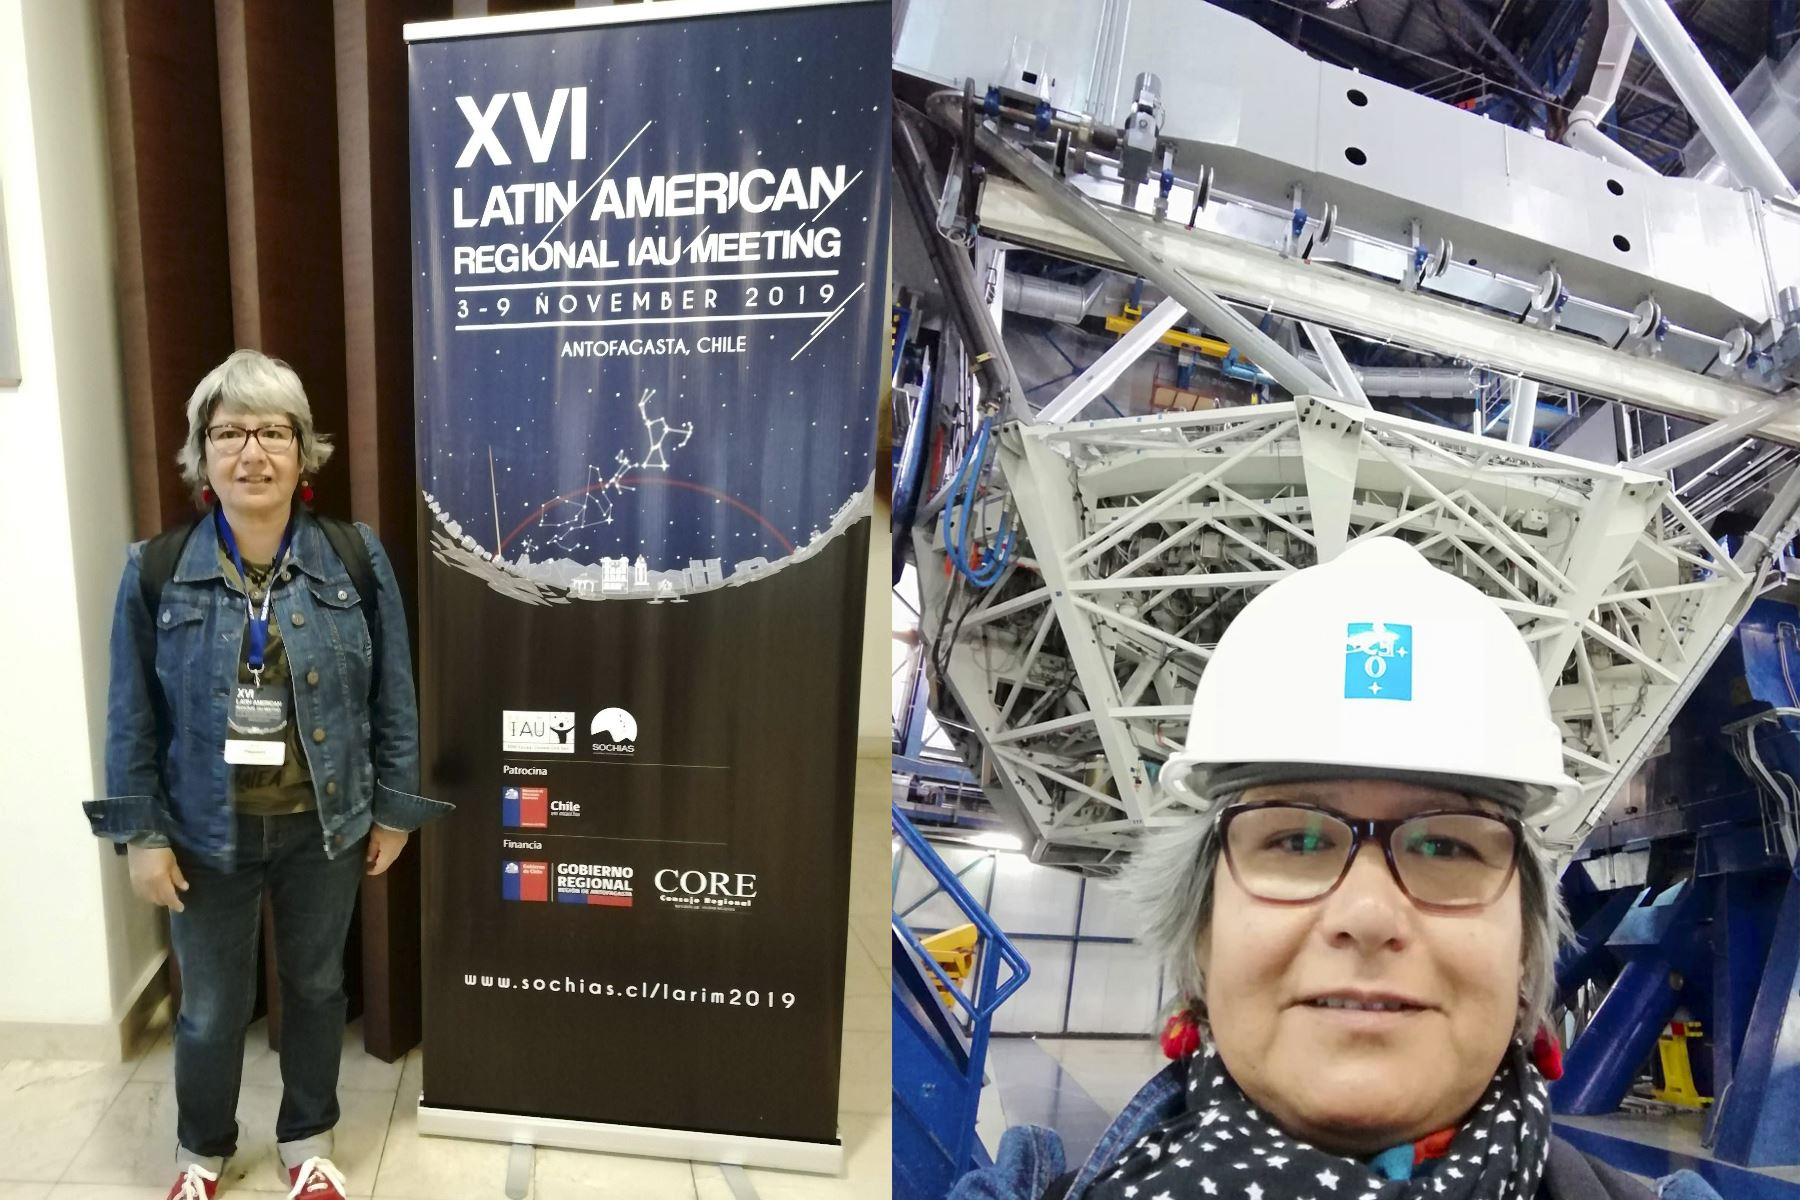 La Dra. Myriam Pajuelo, docente e investigadora de la Pontificia Universidad Católica del Perú,   fue reconocida por su amplia trayectoria en astronomía planetaria.